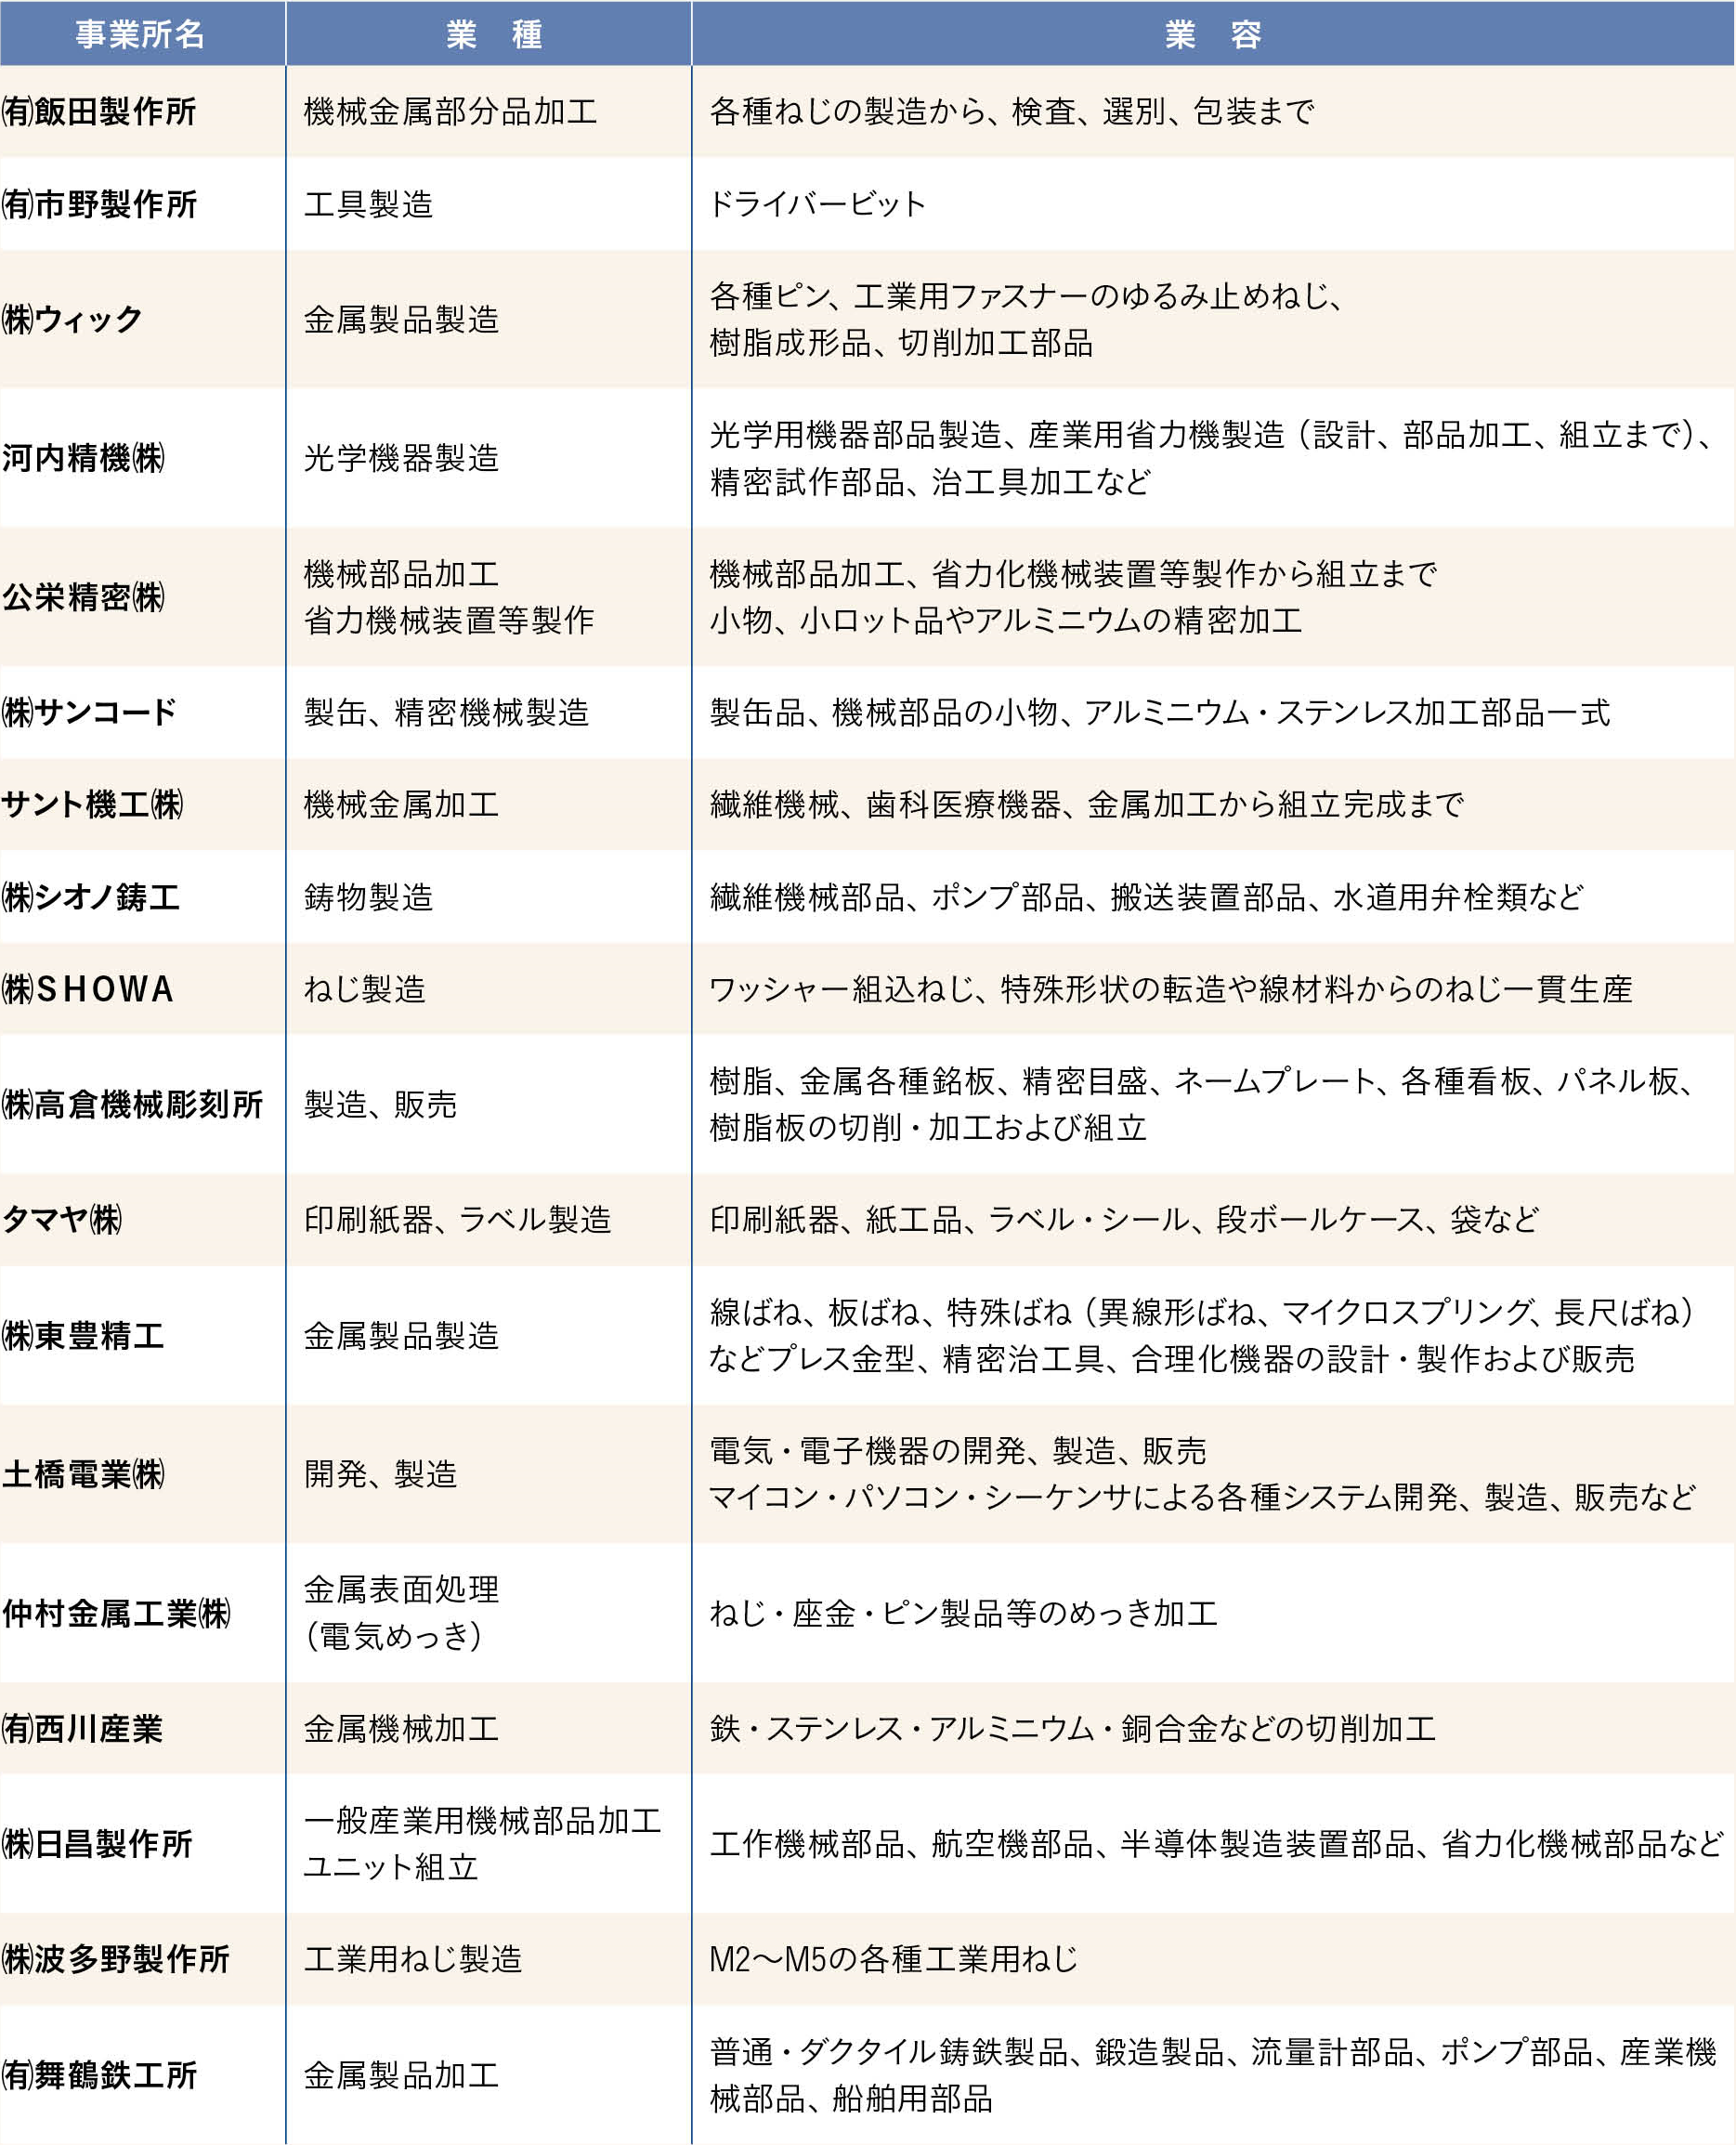 日東協力会18社